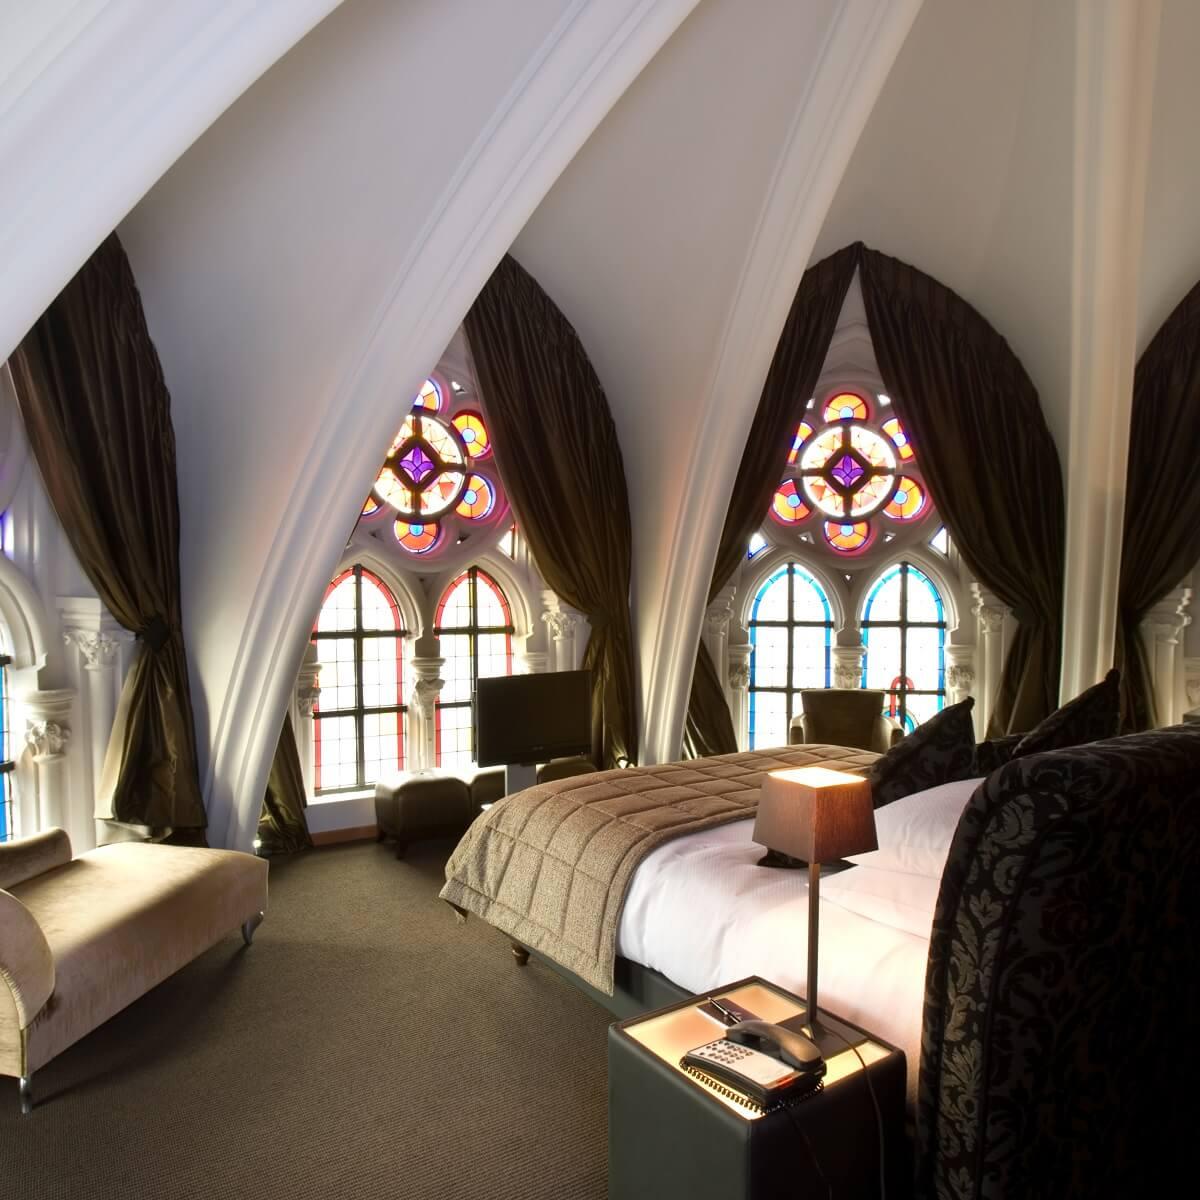 32 h bergements totalement insolites pour un s jour in dit - Hotel insolite belgique ...